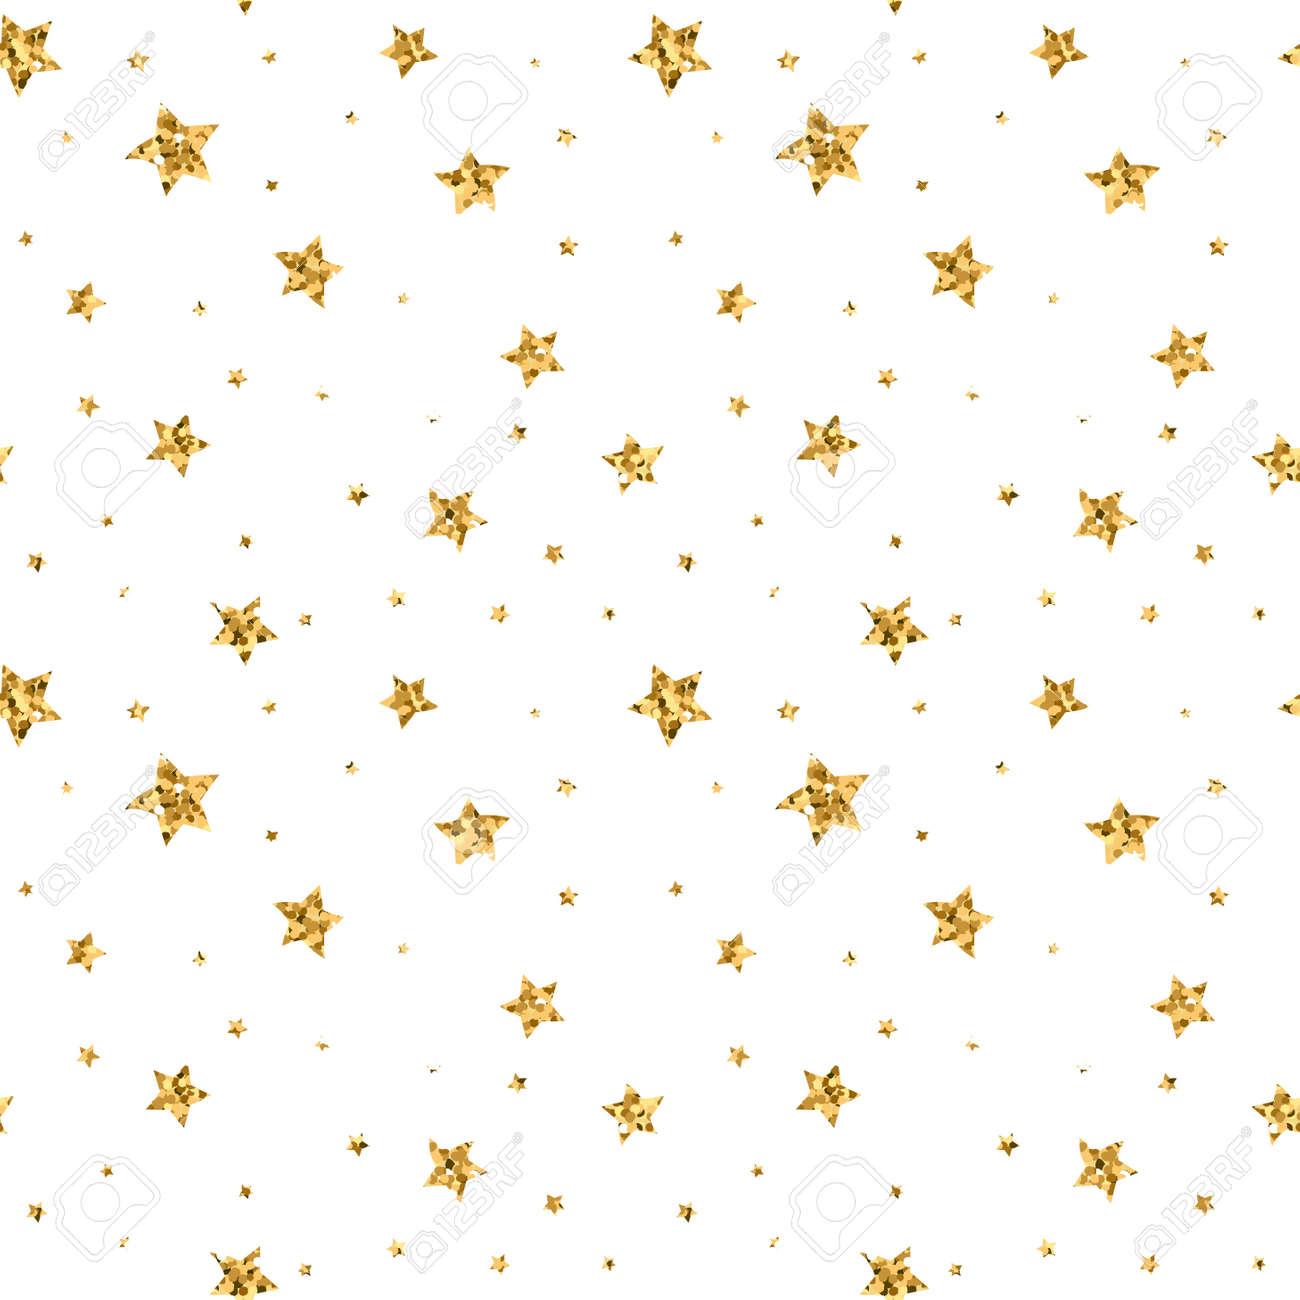 シームレスな星の金と白のレトロな背景をパターンします 壁紙